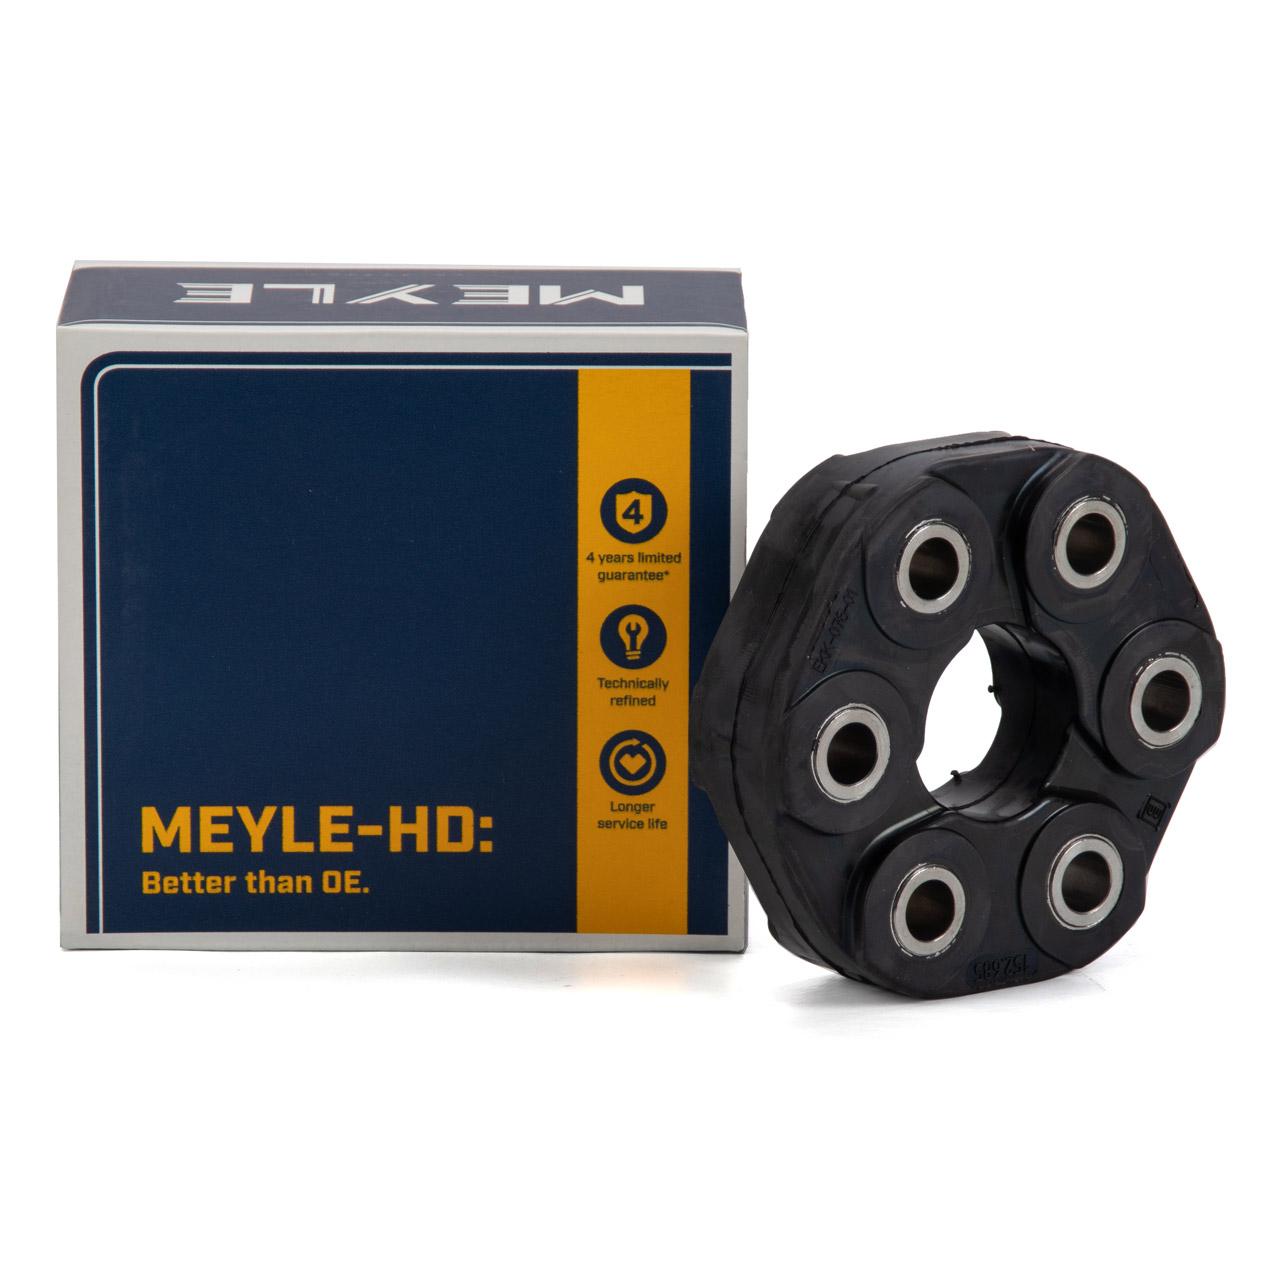 MEYLE HD Hardyscheibe Gelenkscheibe BMW 1er F20 3er E36 5er E39 26111227869